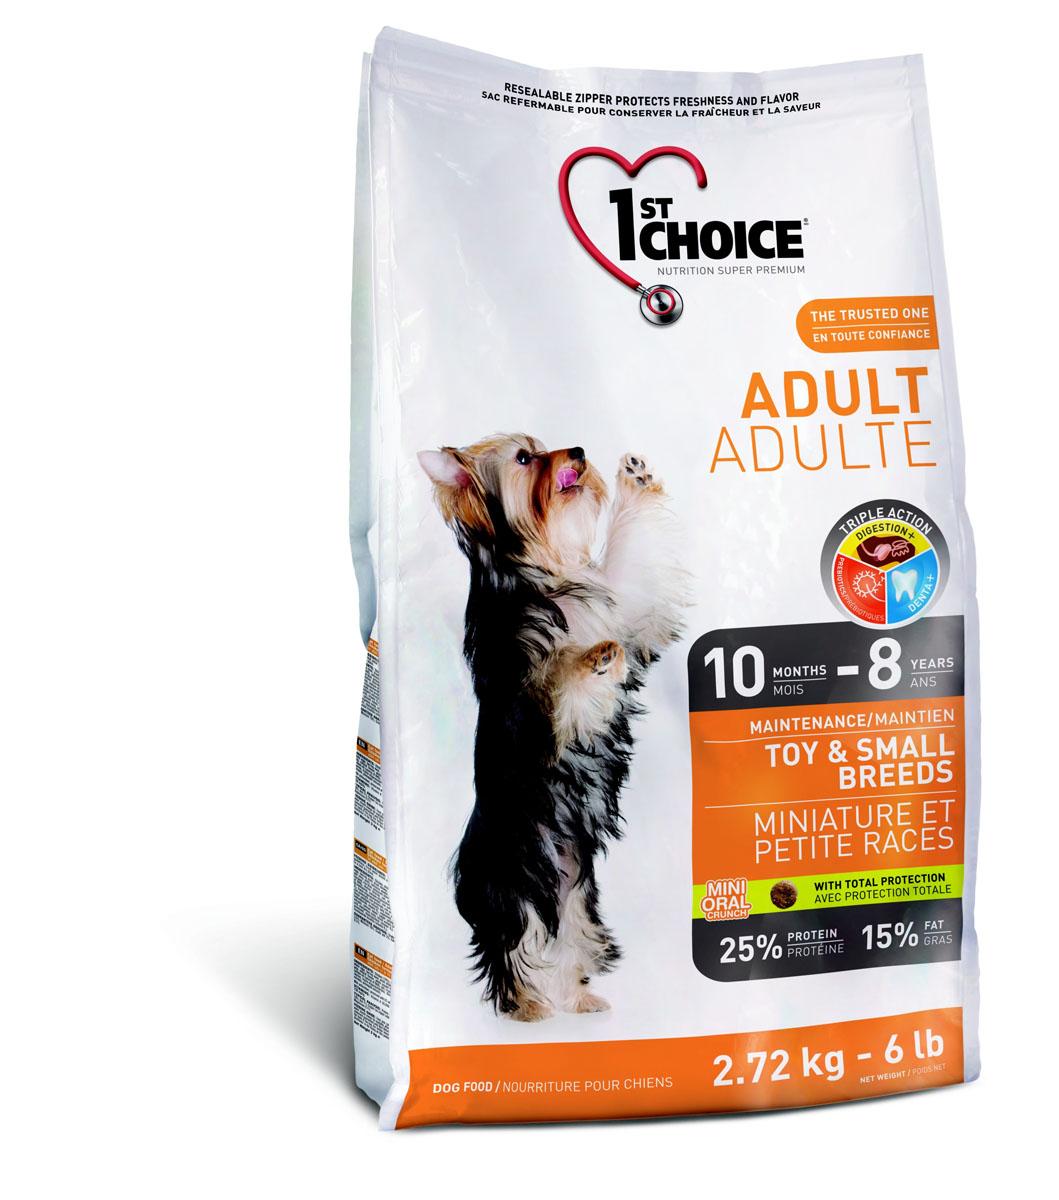 Корм сухой 1st Choice Adult для взрослых собак декоративных и мелких пород, с курицей, 2,72 кг корм сухой 1st choice adult для взрослых собак средних и крупных пород с курицей 7 кг